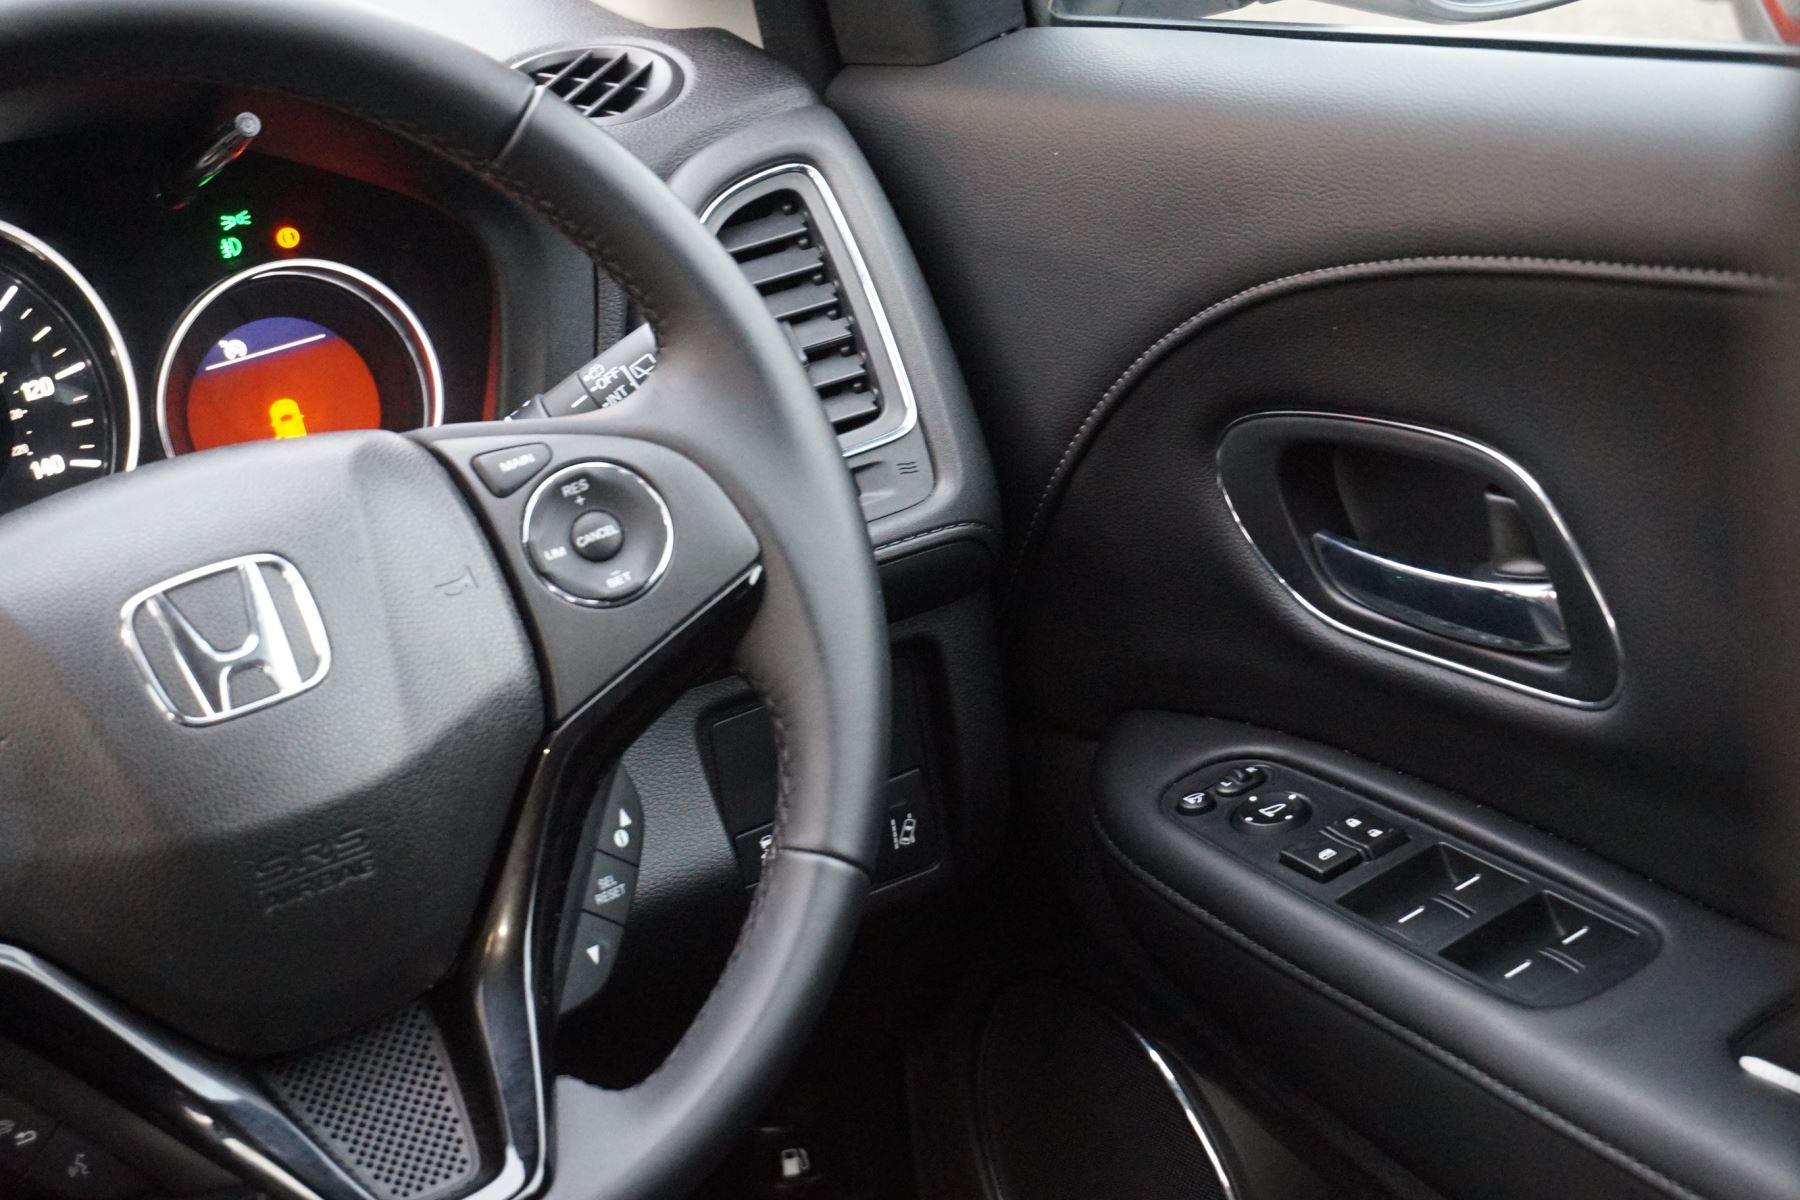 Honda HR-V 1.6 i-DTEC EX 5dr image 14